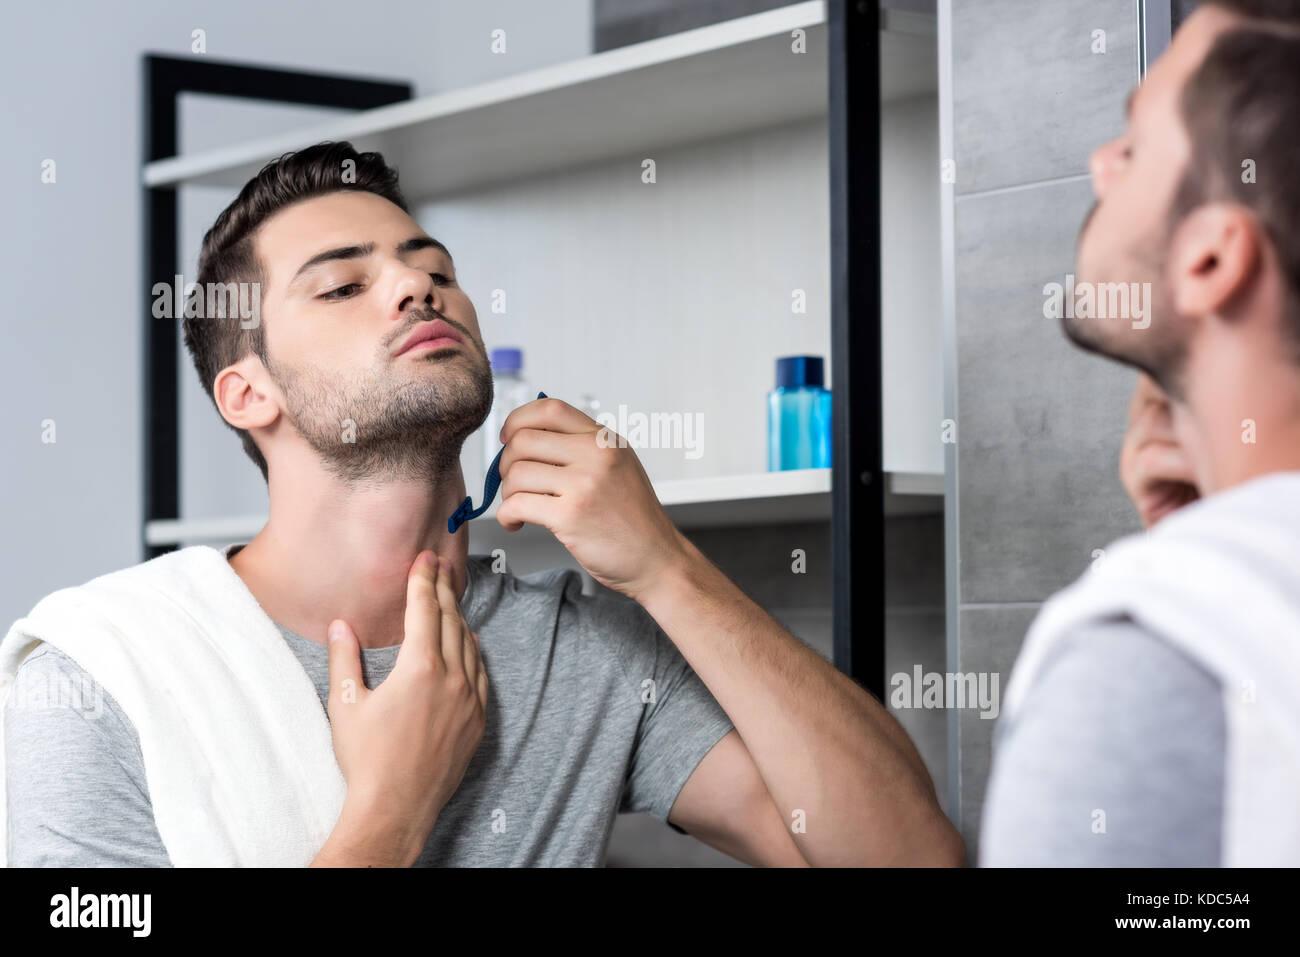 Afeitado joven Imagen De Stock